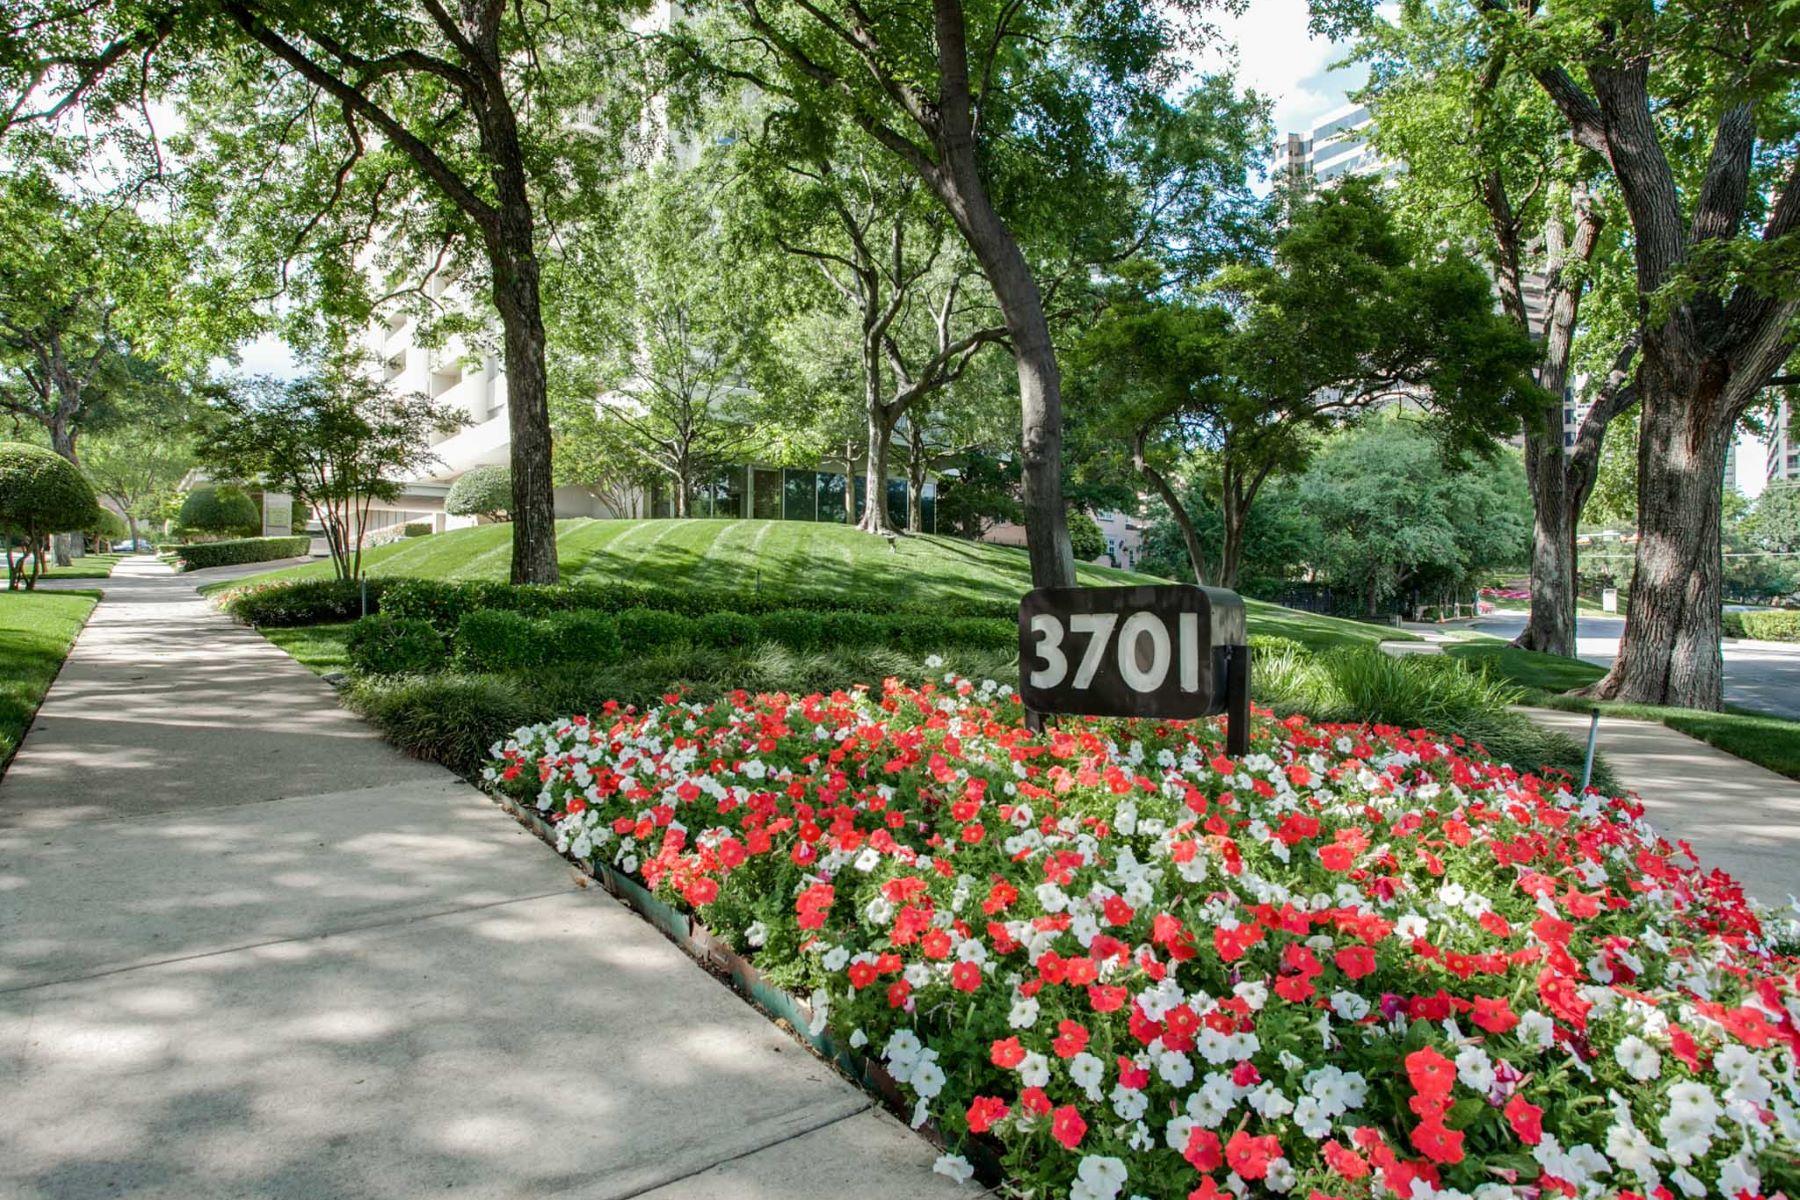 Casa Unifamiliar por un Venta en 3701 Turtle Creek Blvd 6D, Dallas Dallas, Texas, 75219 Estados Unidos